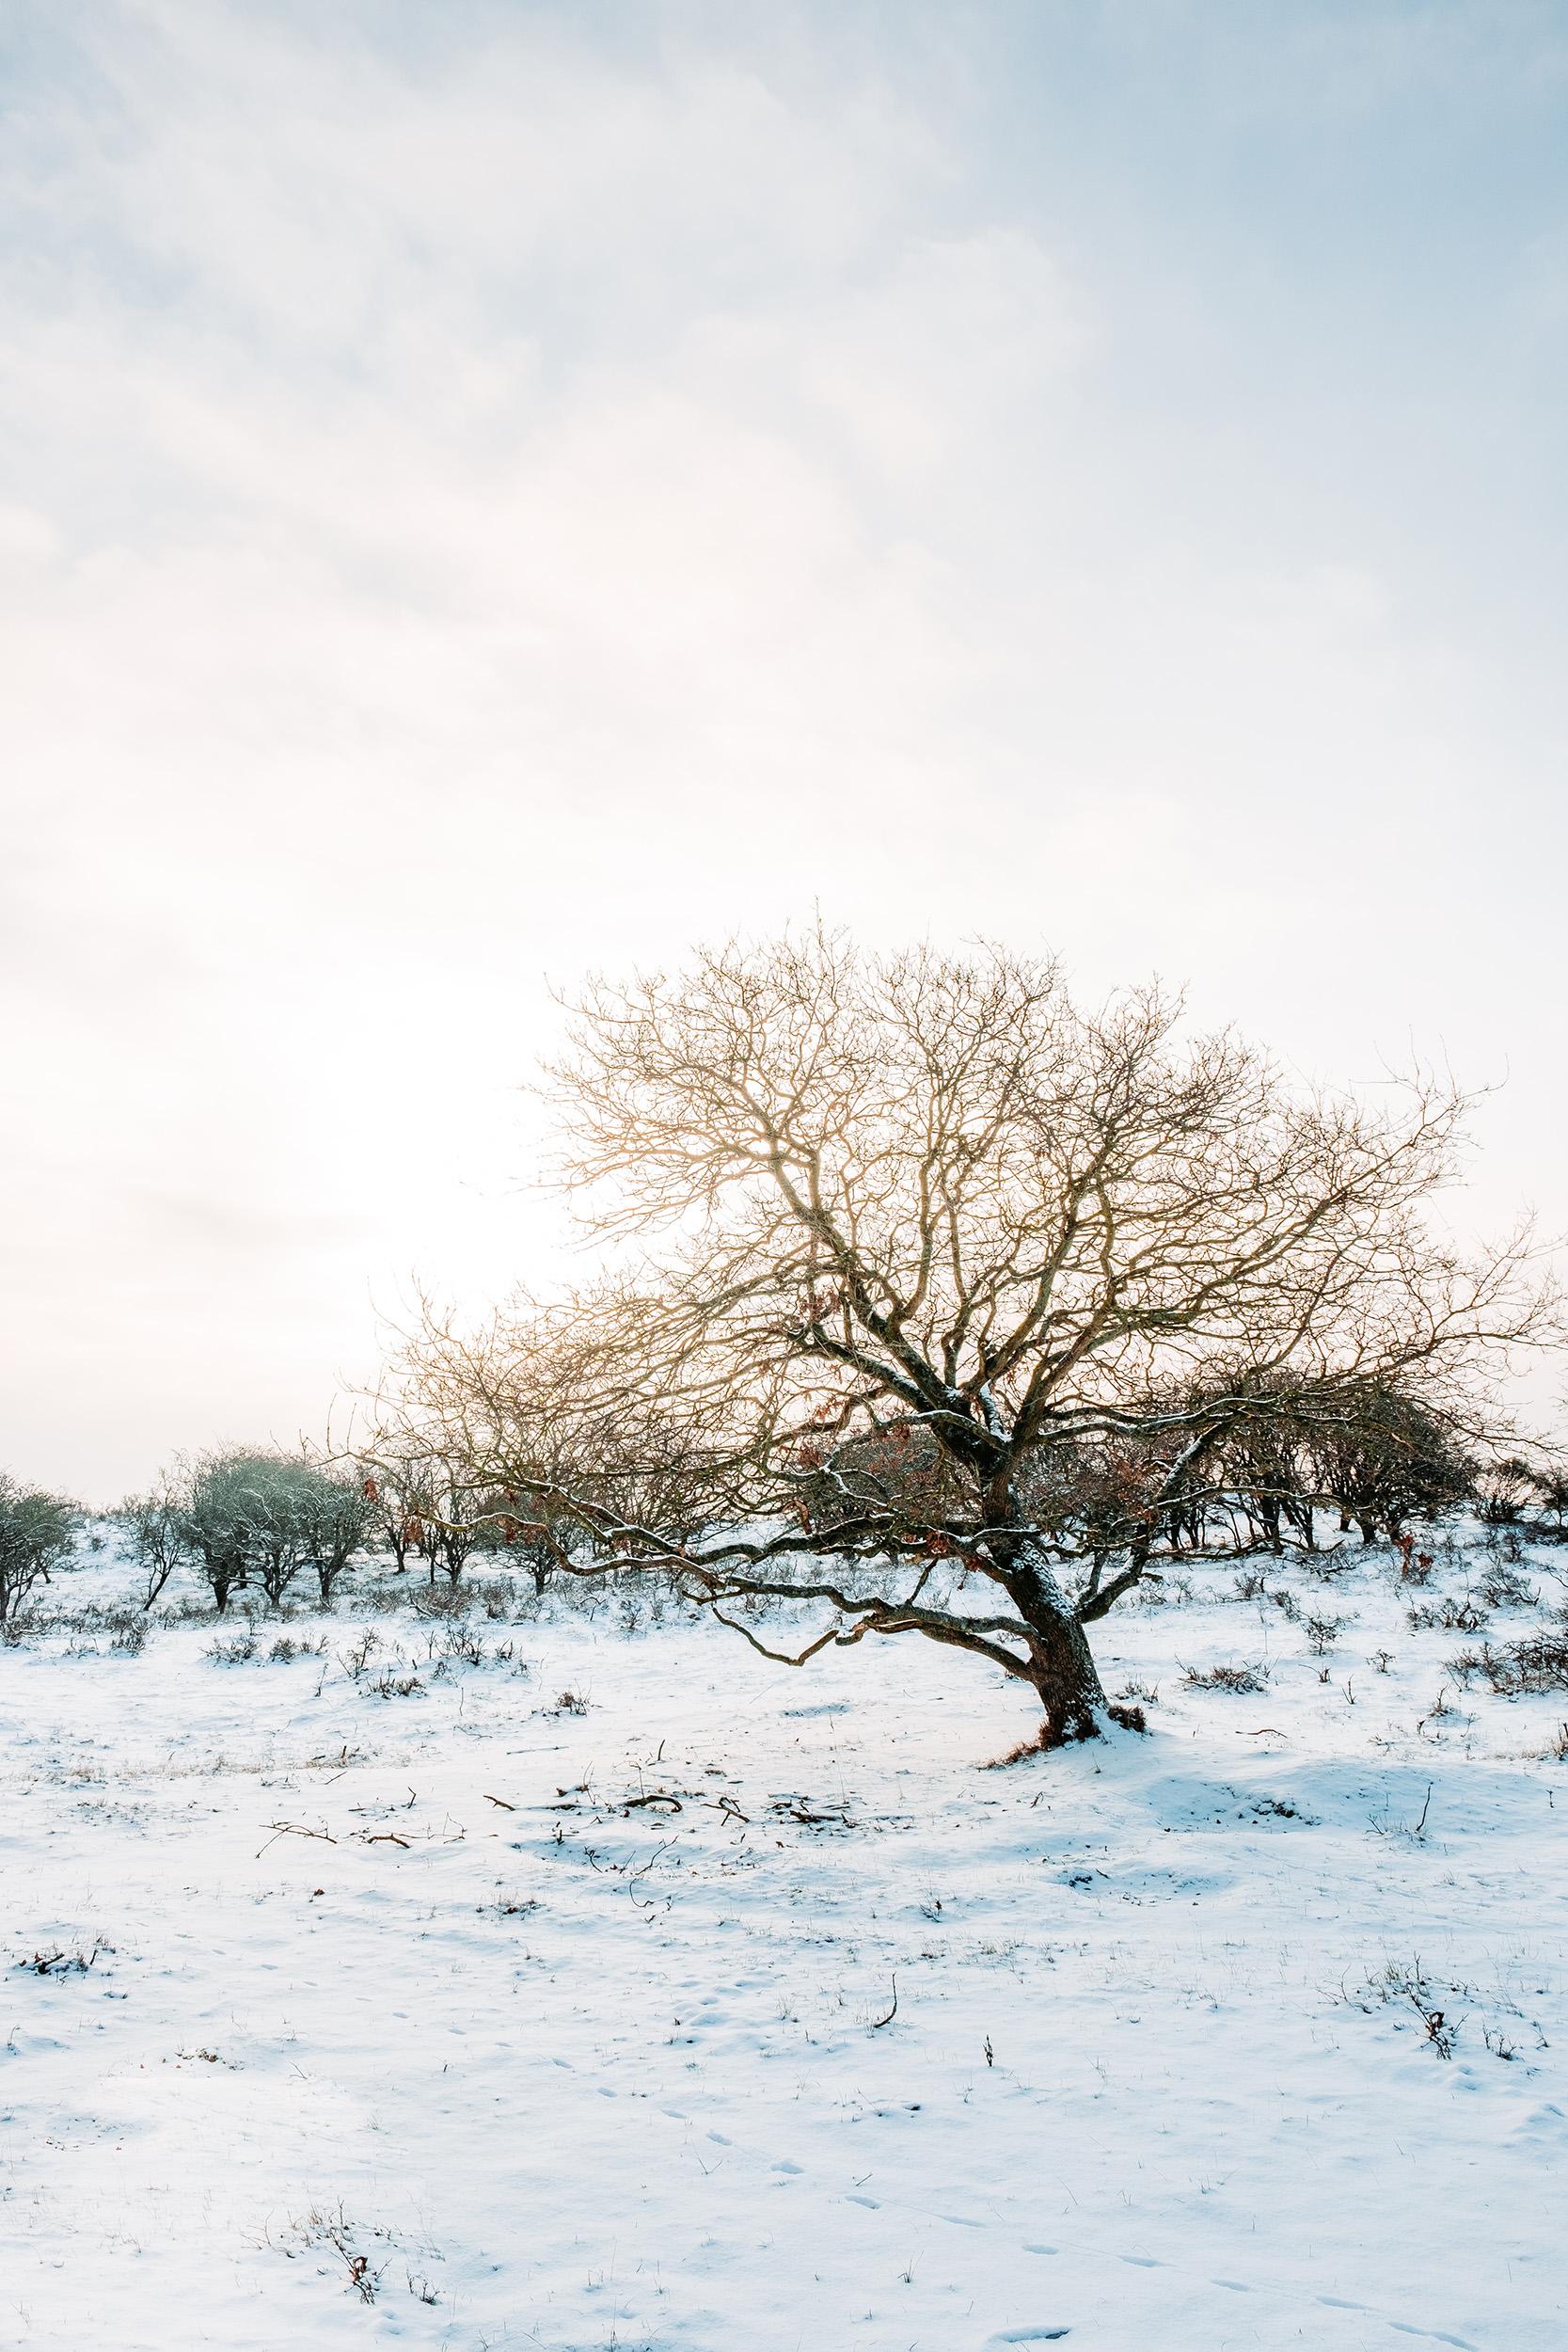 Waterleidingduinen Sneeuw-1.jpg